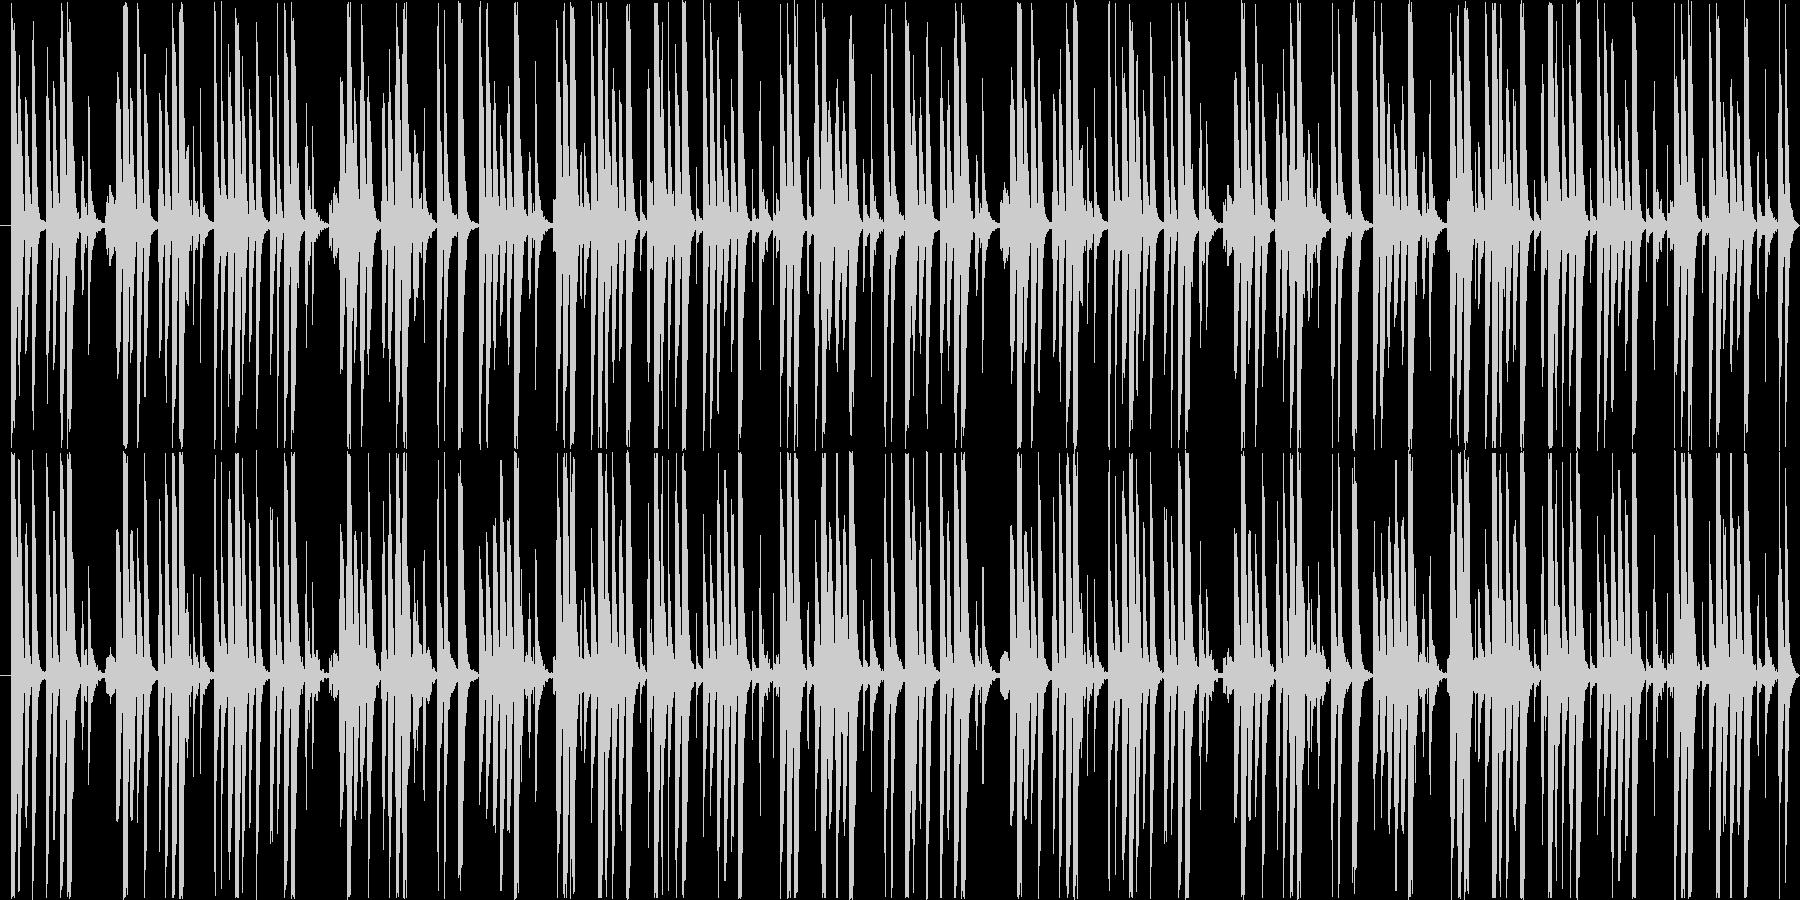 ゲームやアニメに適したほのぼのしたBGMの未再生の波形